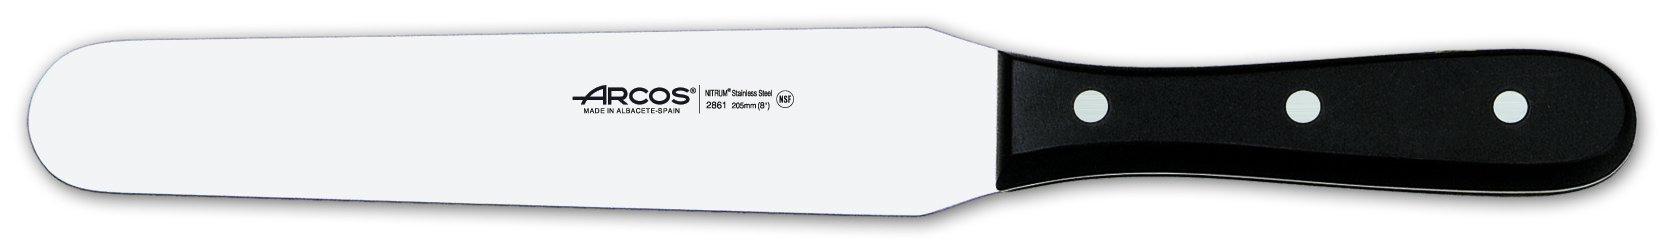 Arcos 8-Inch 205 mm Universal Spatula by ARCOS